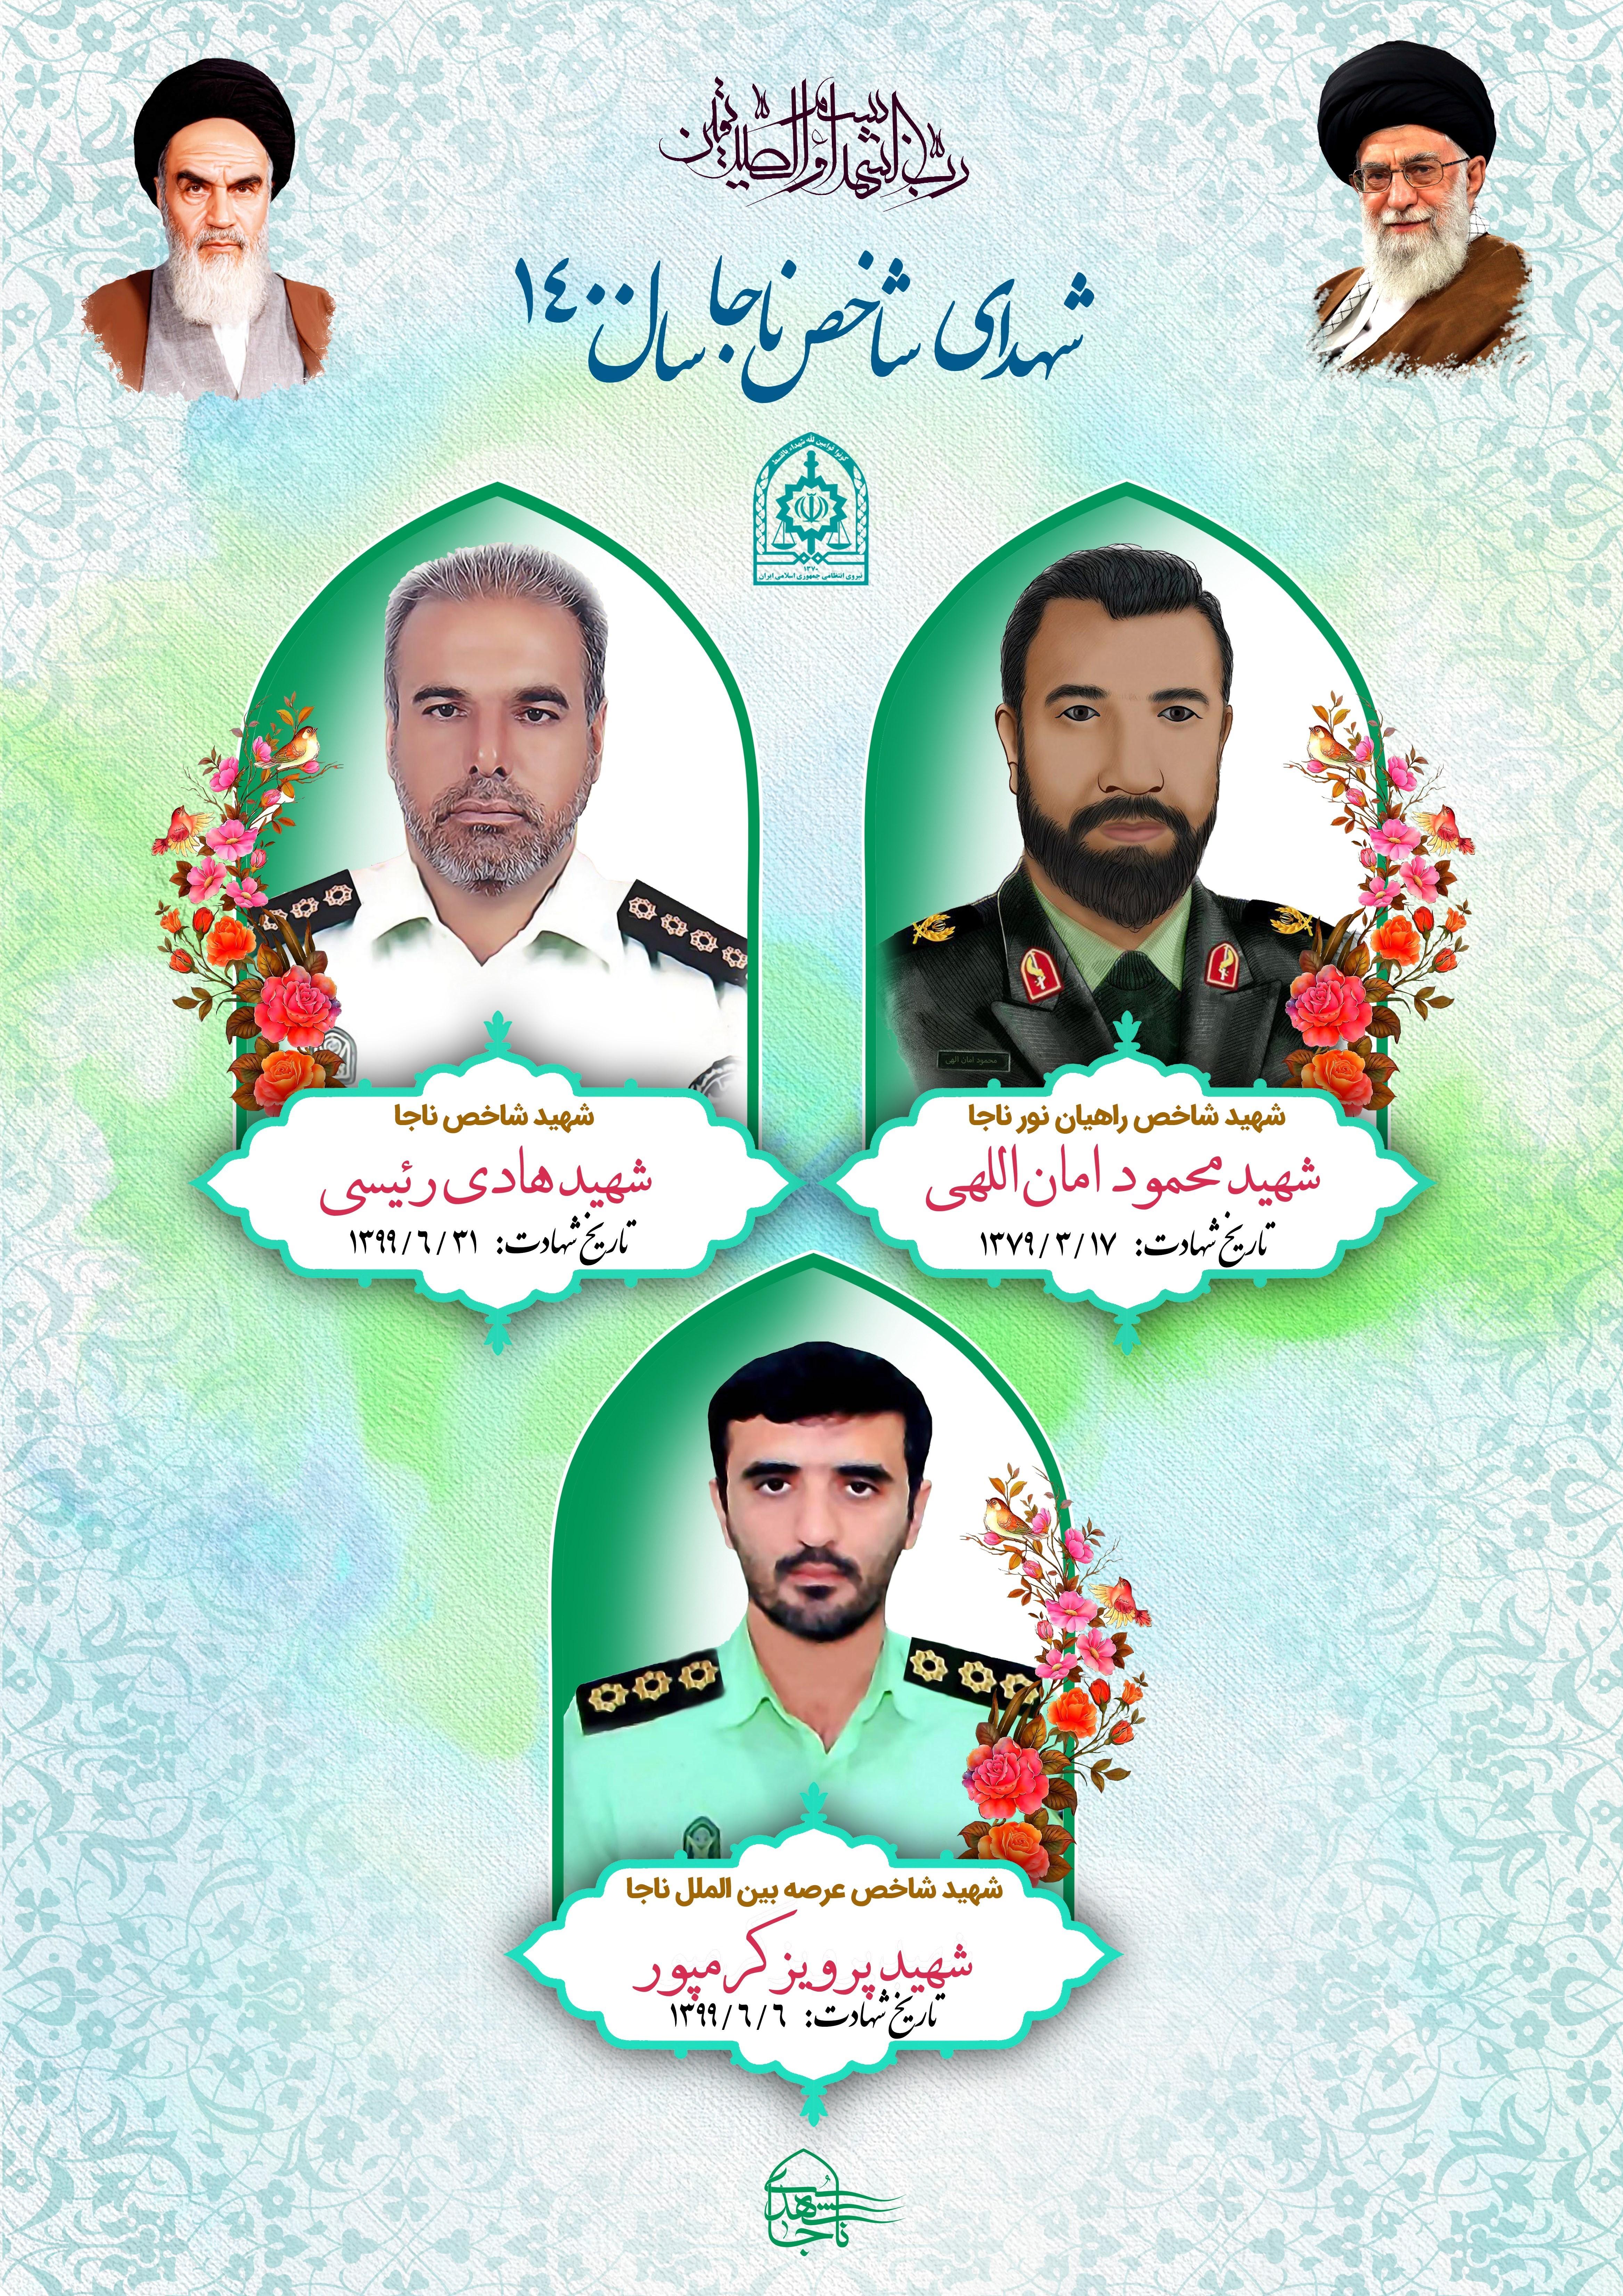 شهدای نیروی انتظامی|شهدای ناجا , شهید ,